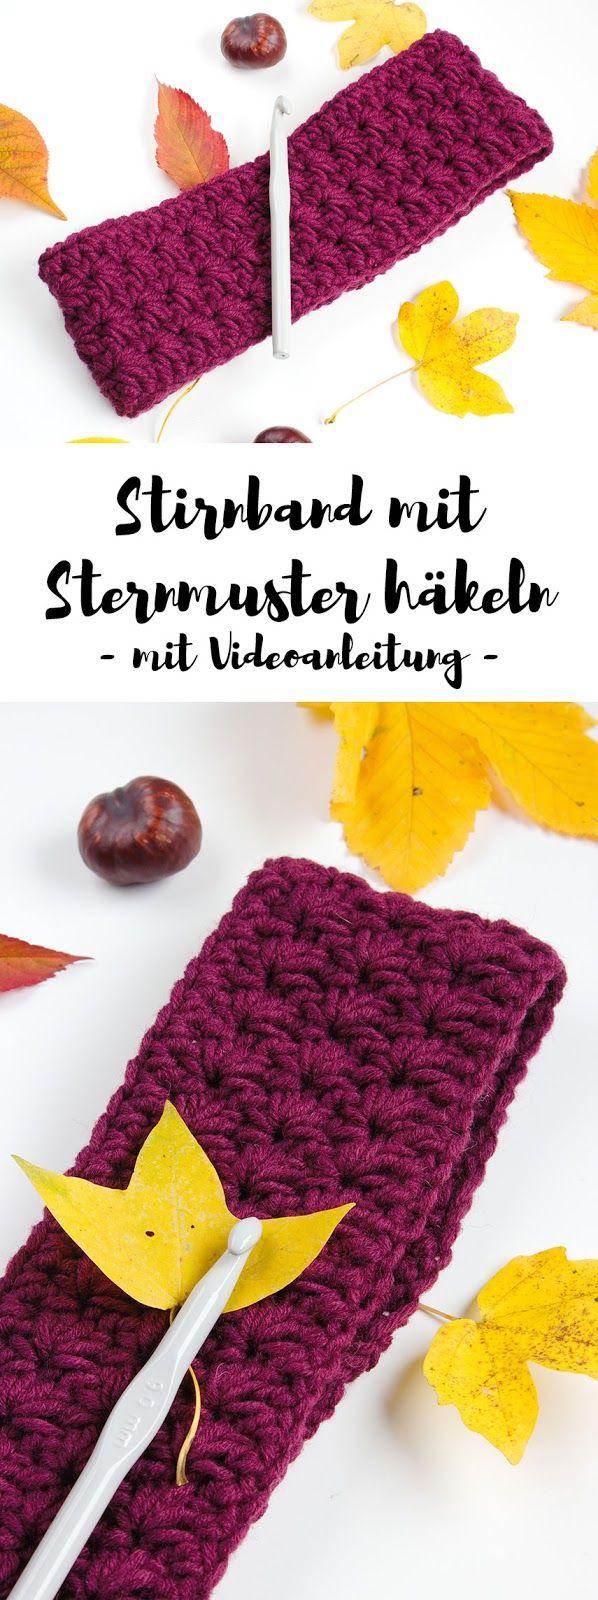 60 best Häkeln images on Pinterest | Breien, Crochet blankets and ...